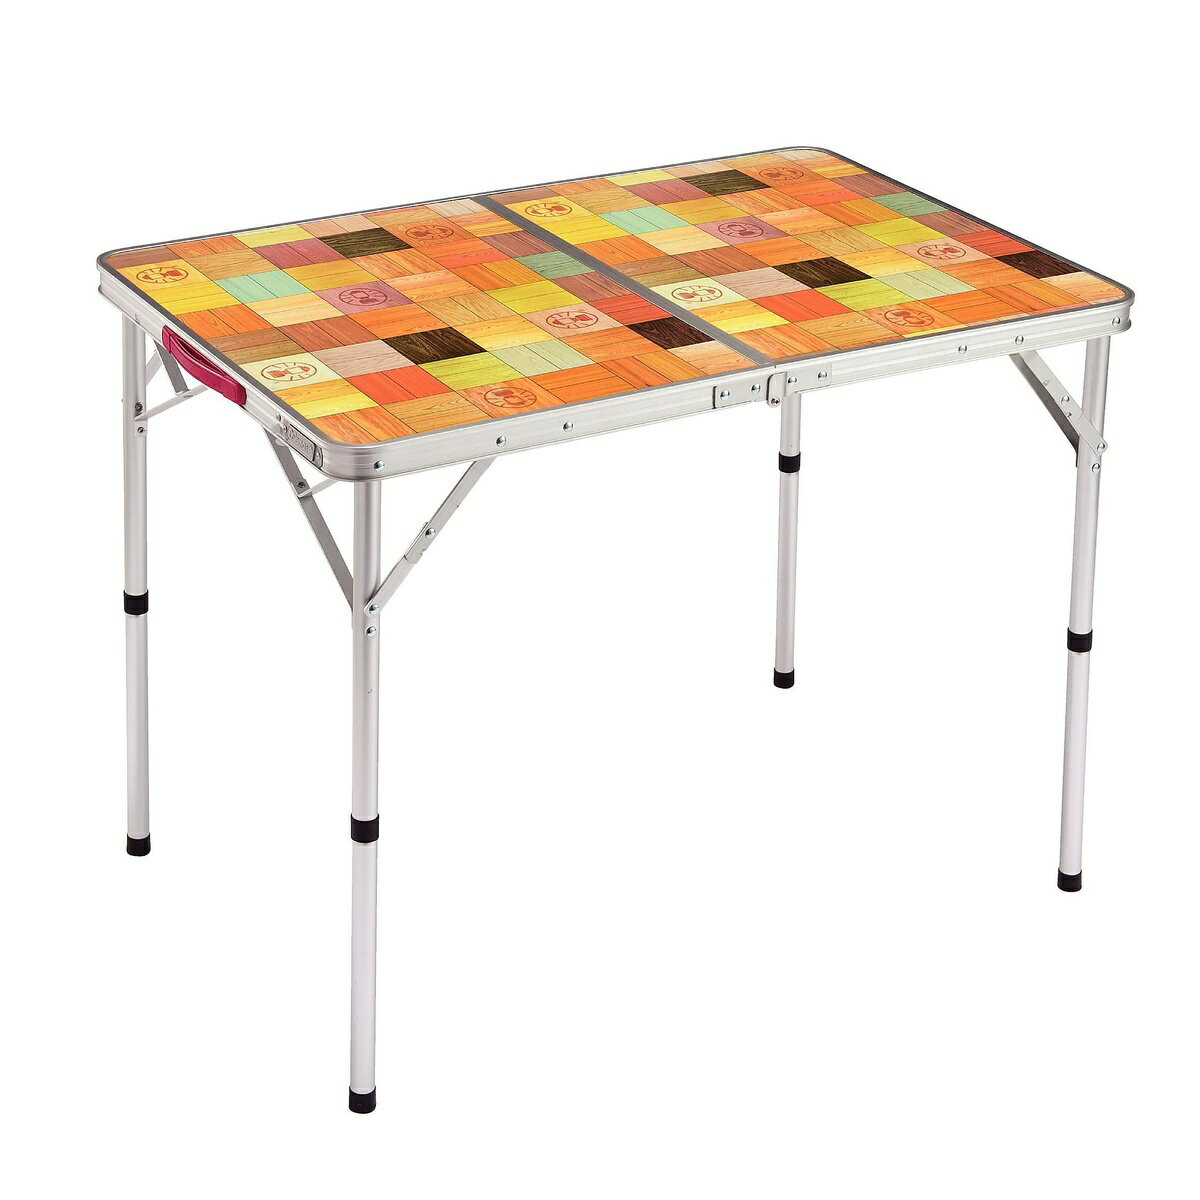 コールマン テーブル ナチュラルモザイクリビングテーブル